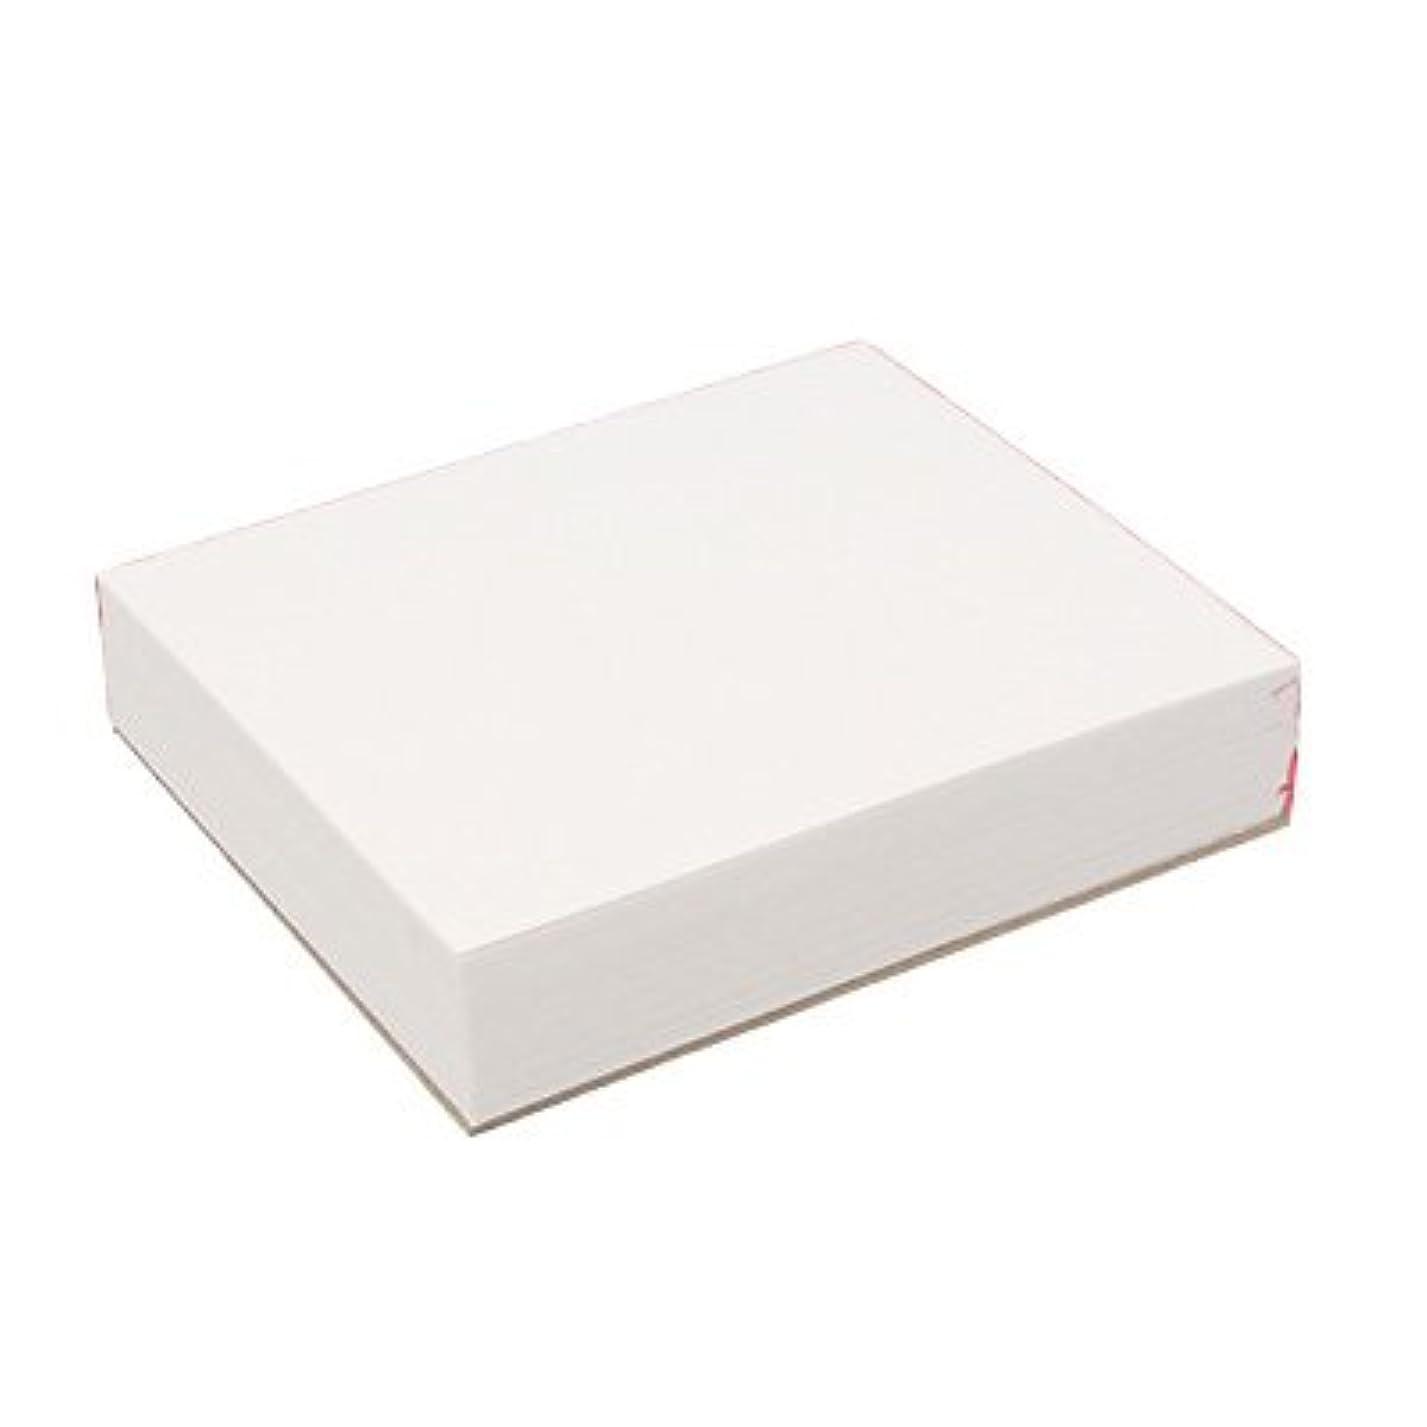 耕す困難切る(ロータス)LOTUS 練板紙 NON-SKID 100枚×3冊入 (ネイルパレット ミキシングペーパー 底面滑り止め付)